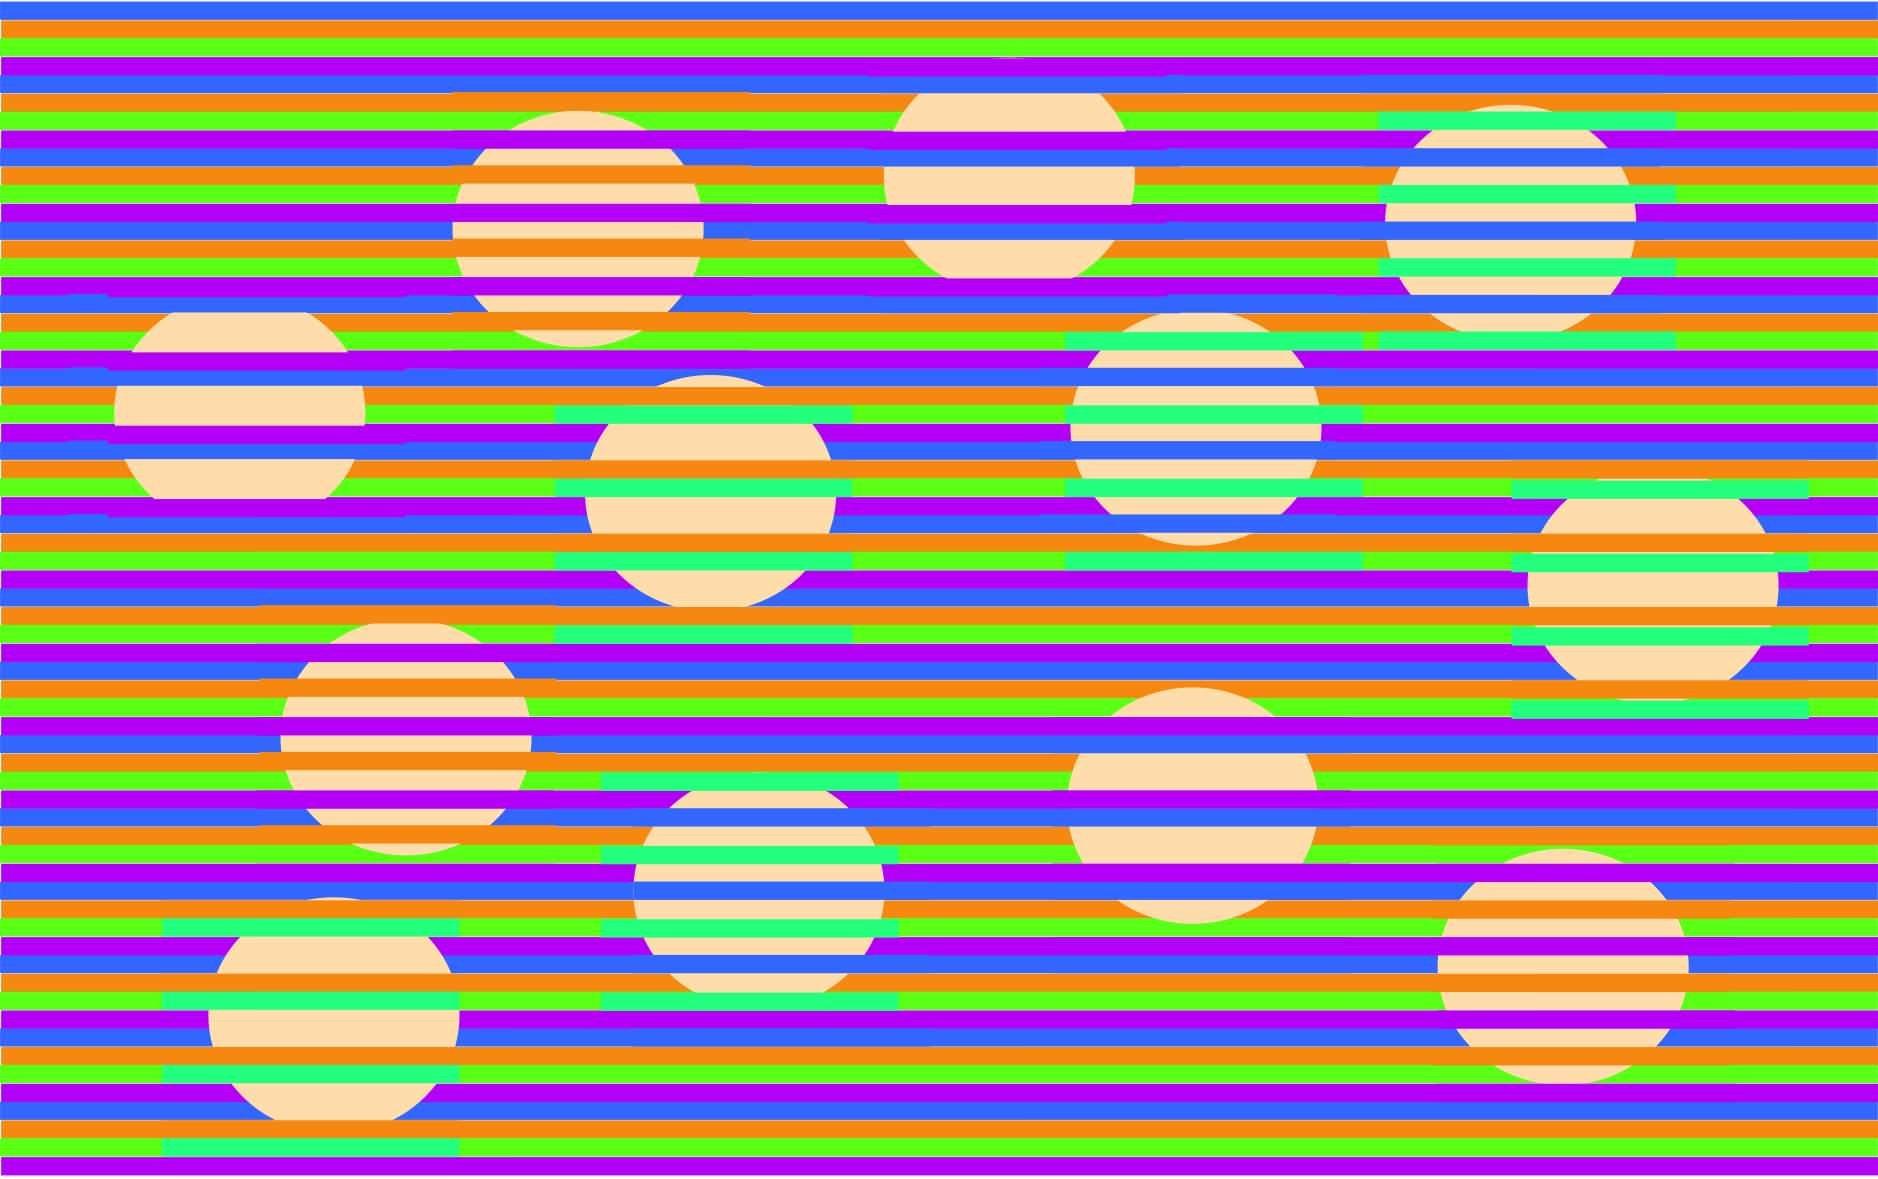 この円すべてがどれも同じ色だと!?色の同化や対比で違った色に見える「ムンカー錯視」の新作